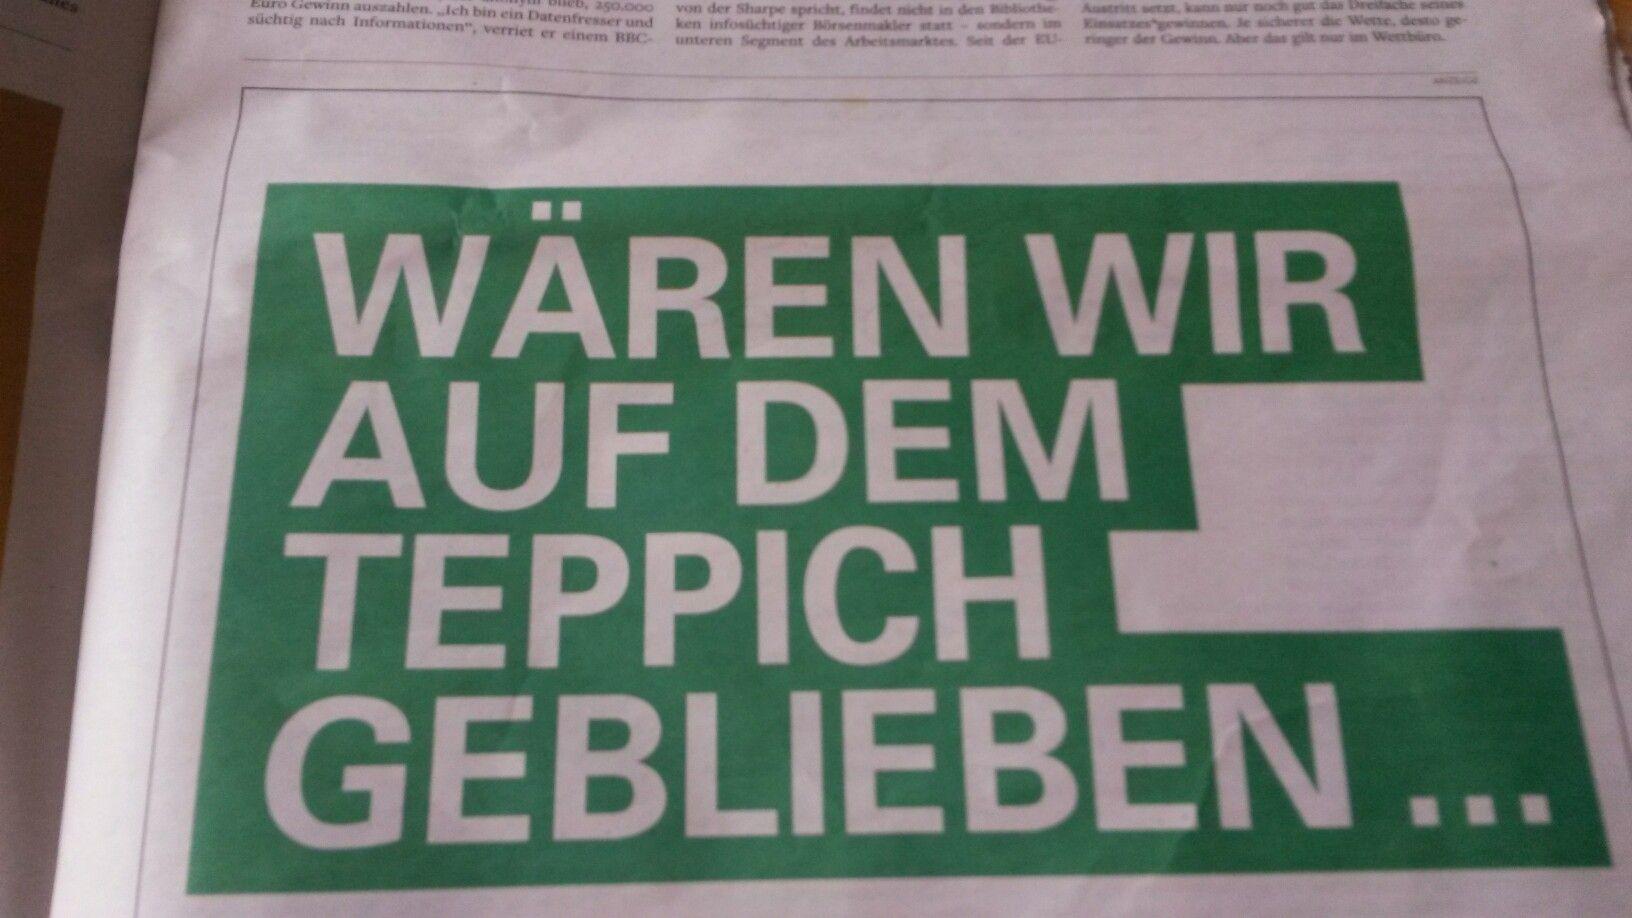 #Vorwerk #HR #print in der Welt am Sonntag. Seite 1 von 2.